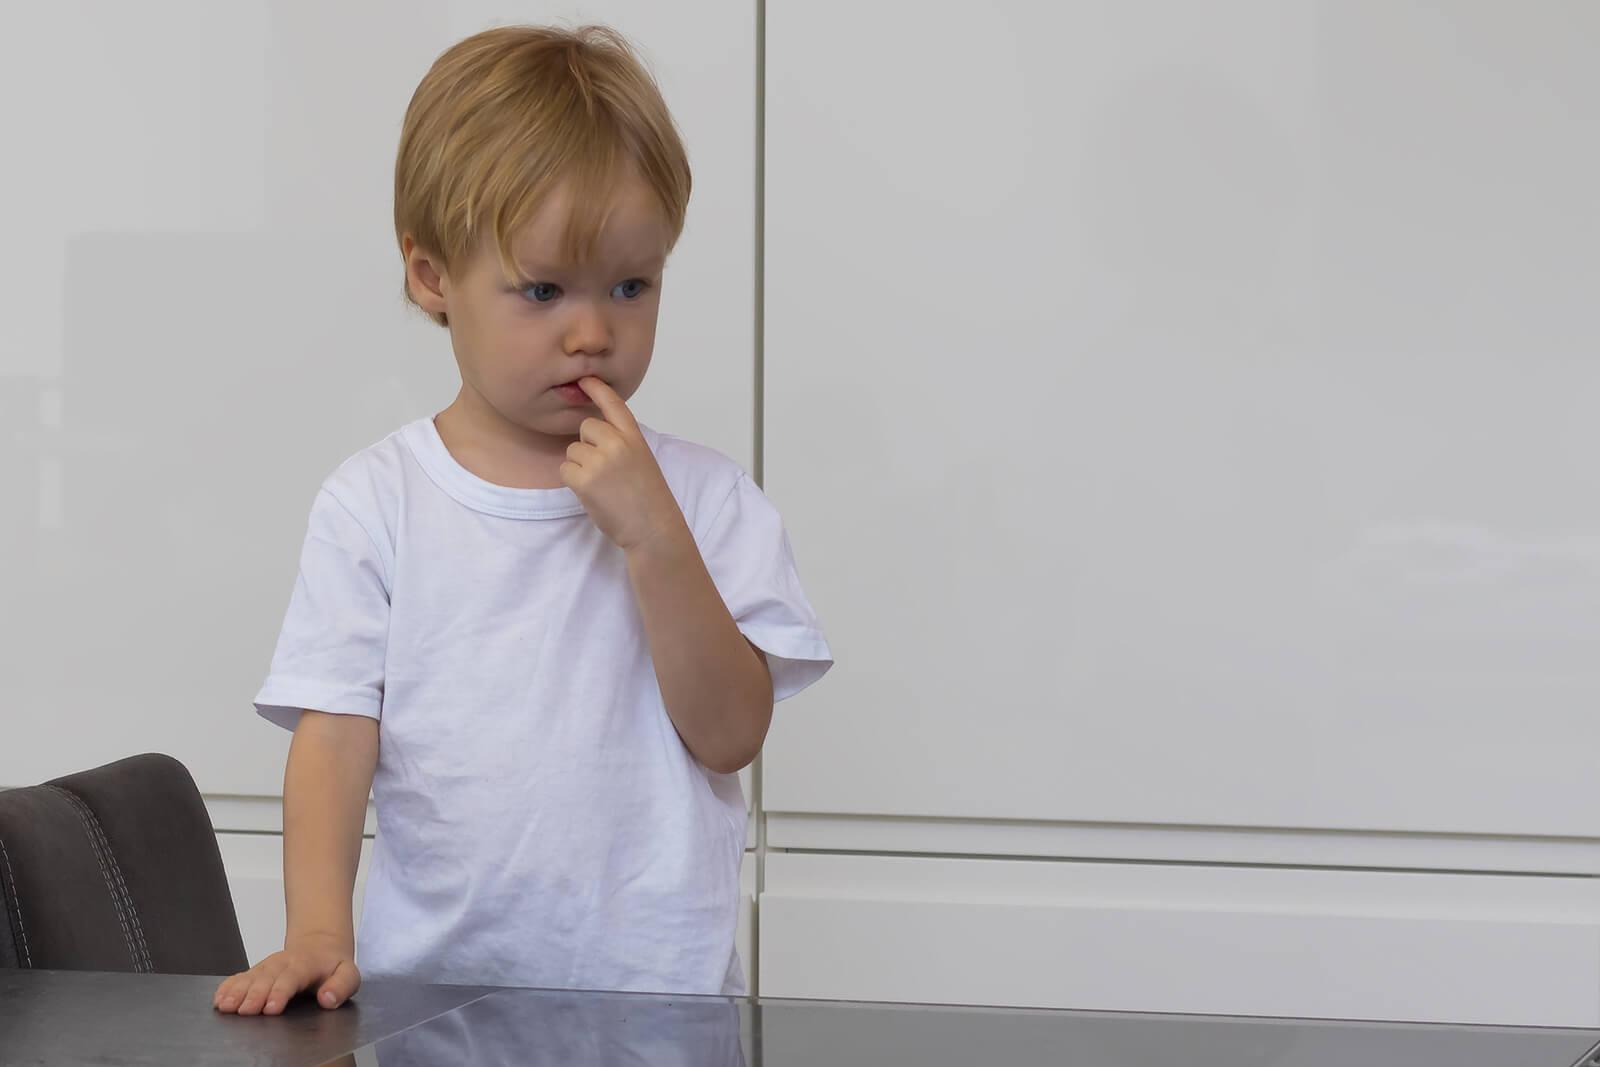 Niño con el dedo en la boca pensando en cómo poner a prueba los límites de sus padres.